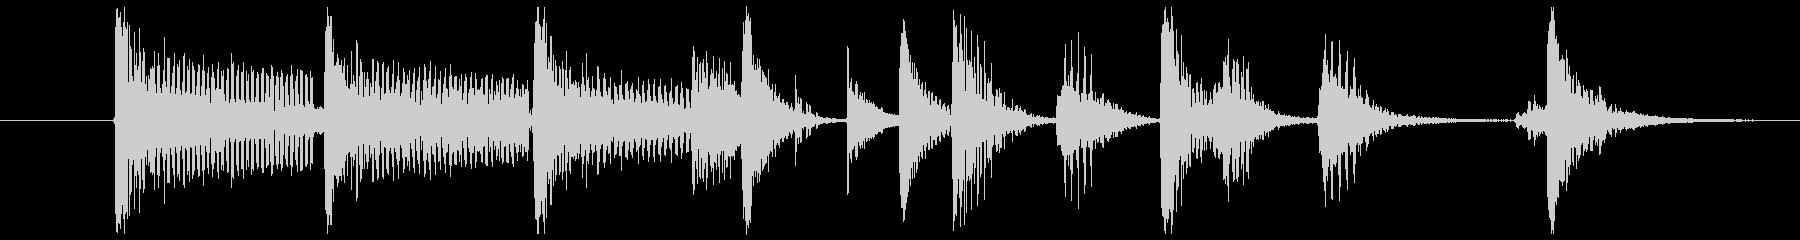 ピアノとベースとドラムのジングルの未再生の波形